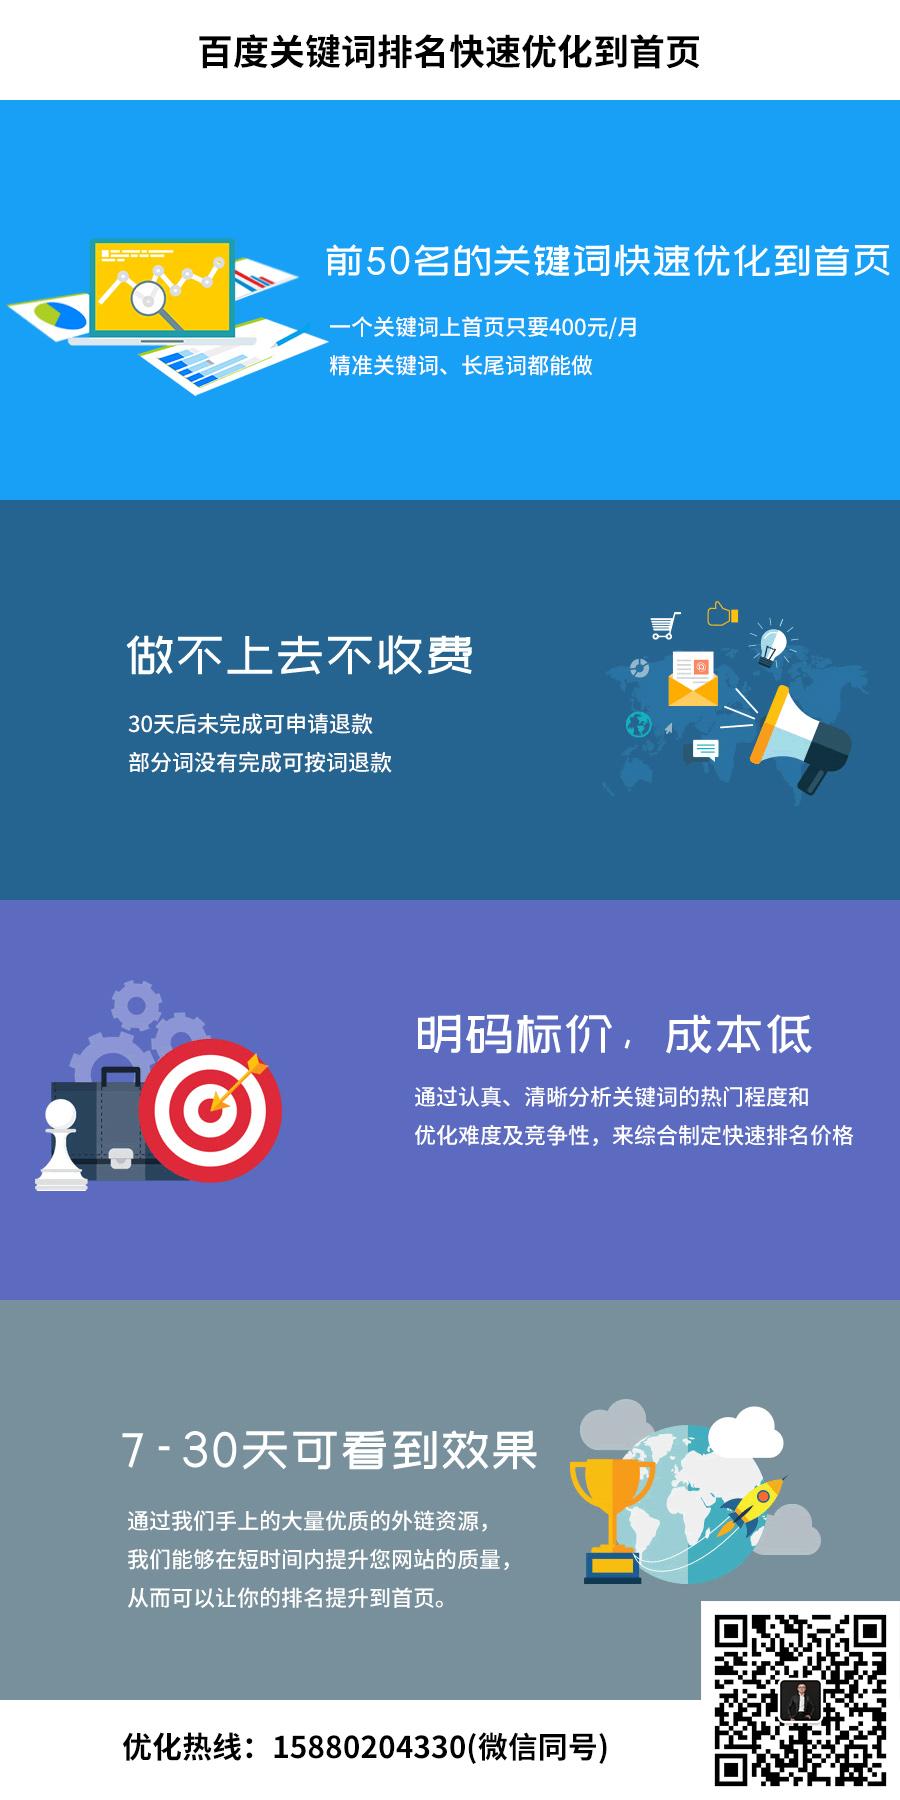 厦门网站优化公司